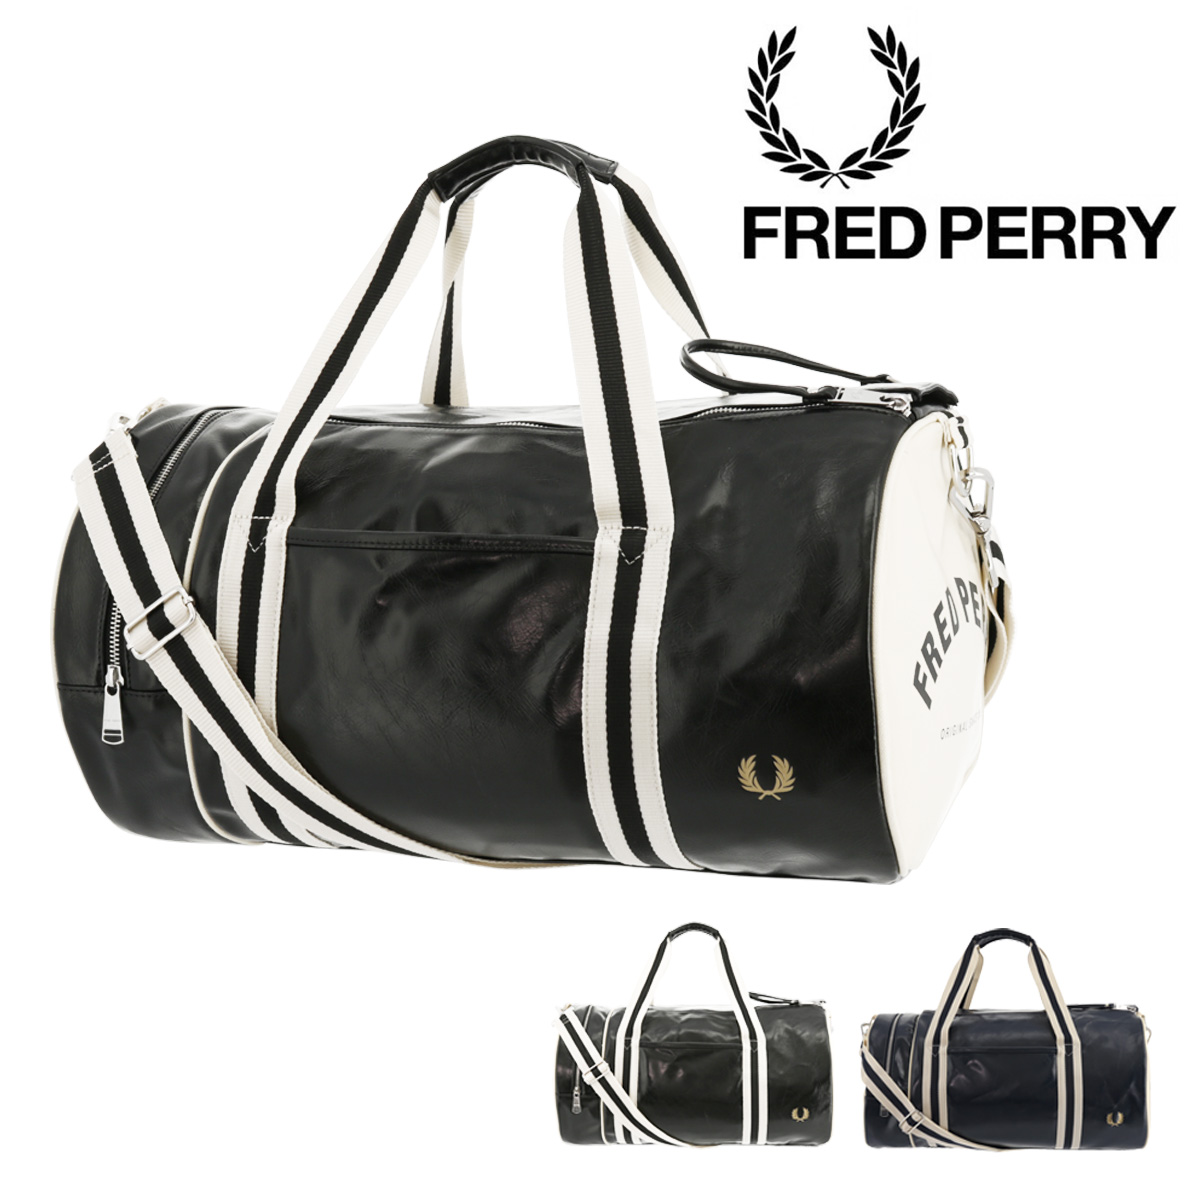 フレッドペリー ボストンバッグ A4 クラシックバレルバッグ メンズ レディース L7220 FRED PERRY | バレルバッグ[PO10][即日発送]